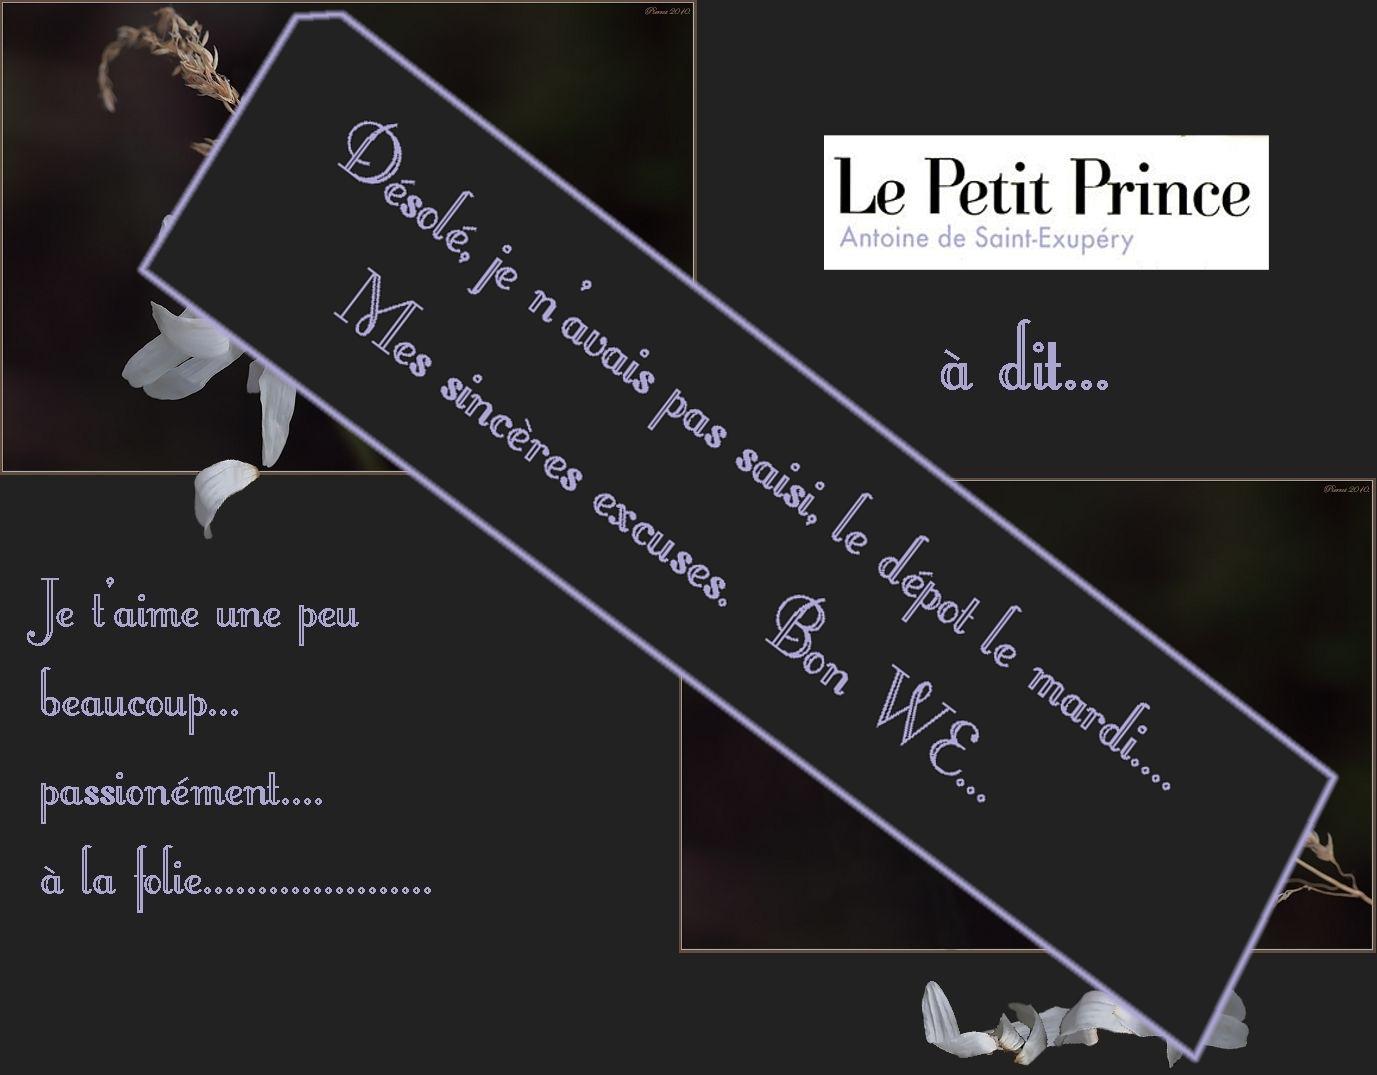 Le petit Prince avait dit .....